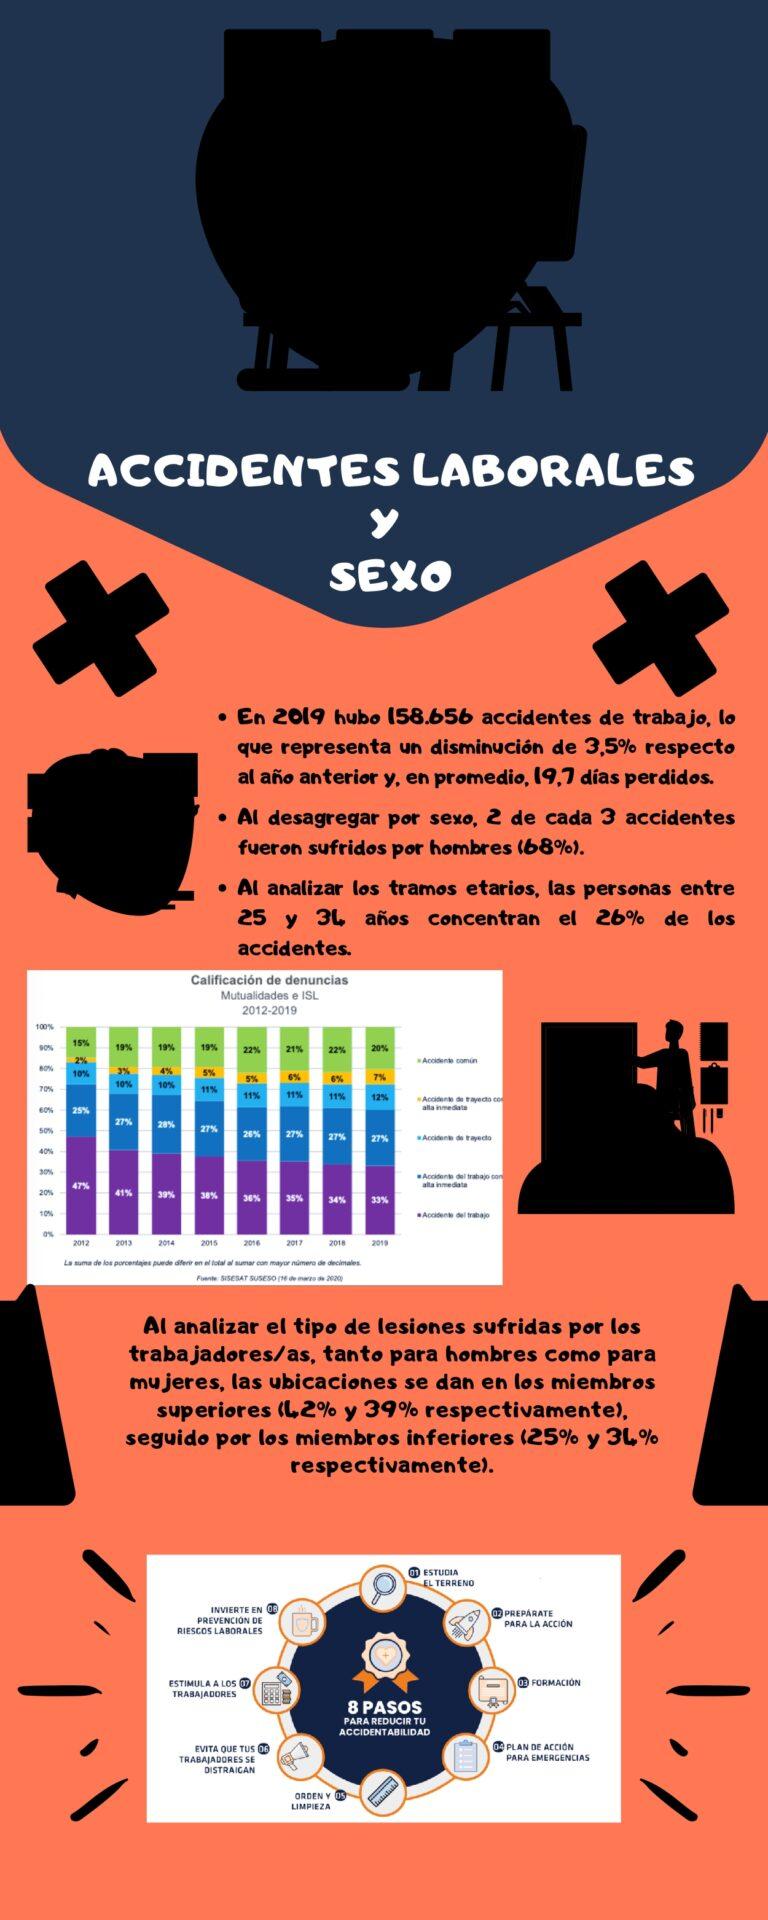 ACCIDENTES LABORALES Y SEXO (1)_page-0001